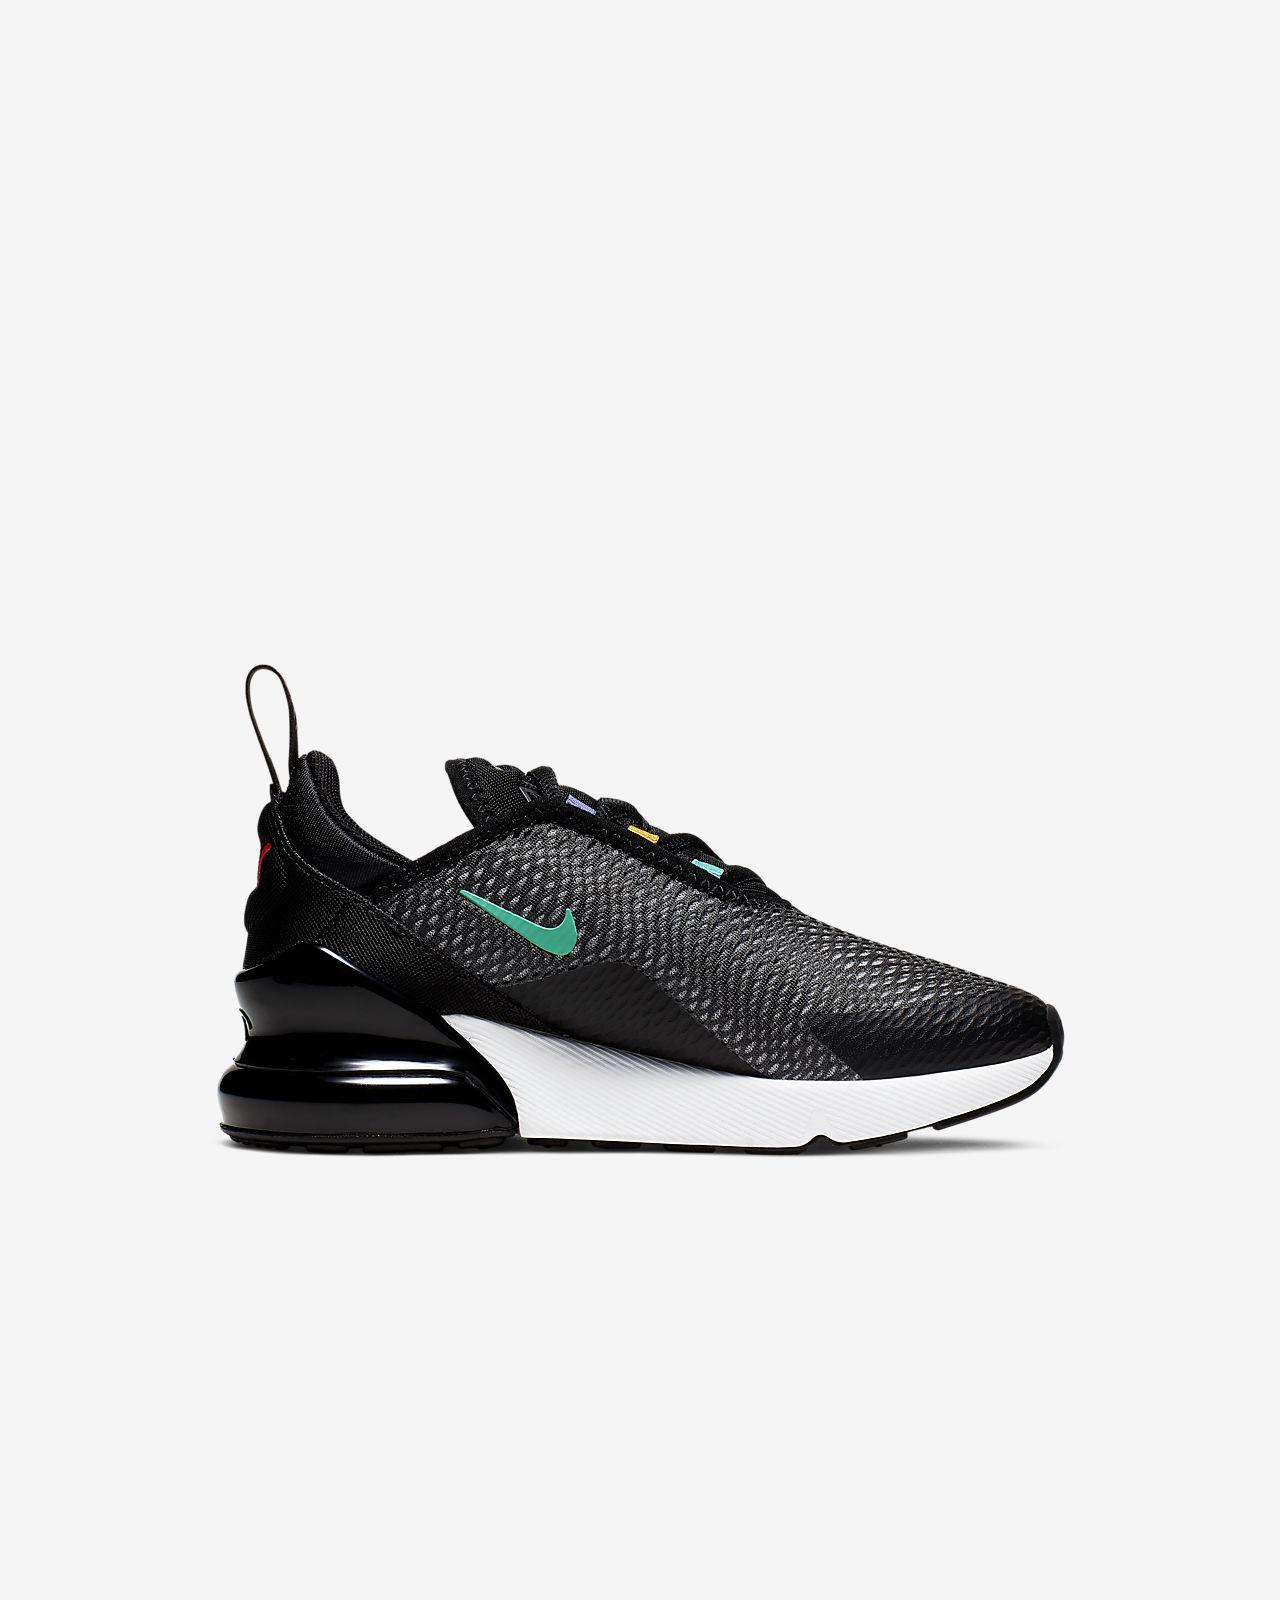 Nike Air Max 270 Game Change Schuh für jüngere Kinder